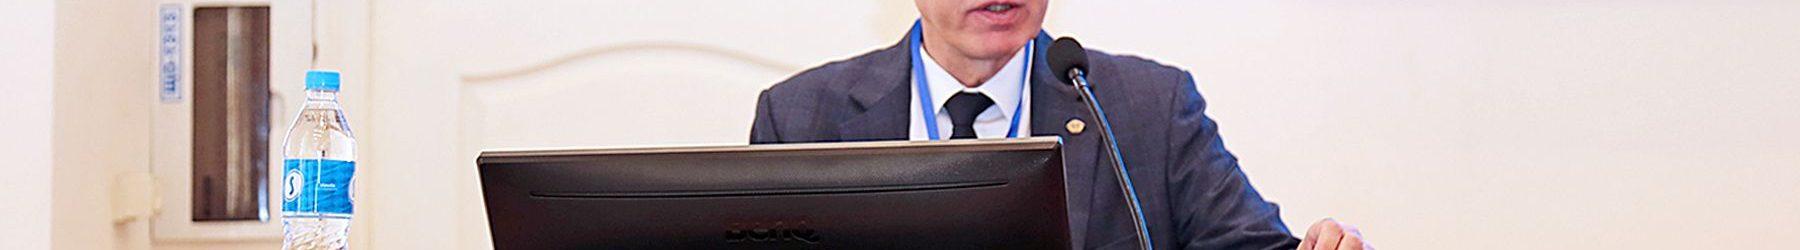 Необходимо изначально установить ответственность за действия роботов — обмудсмен в Приморье